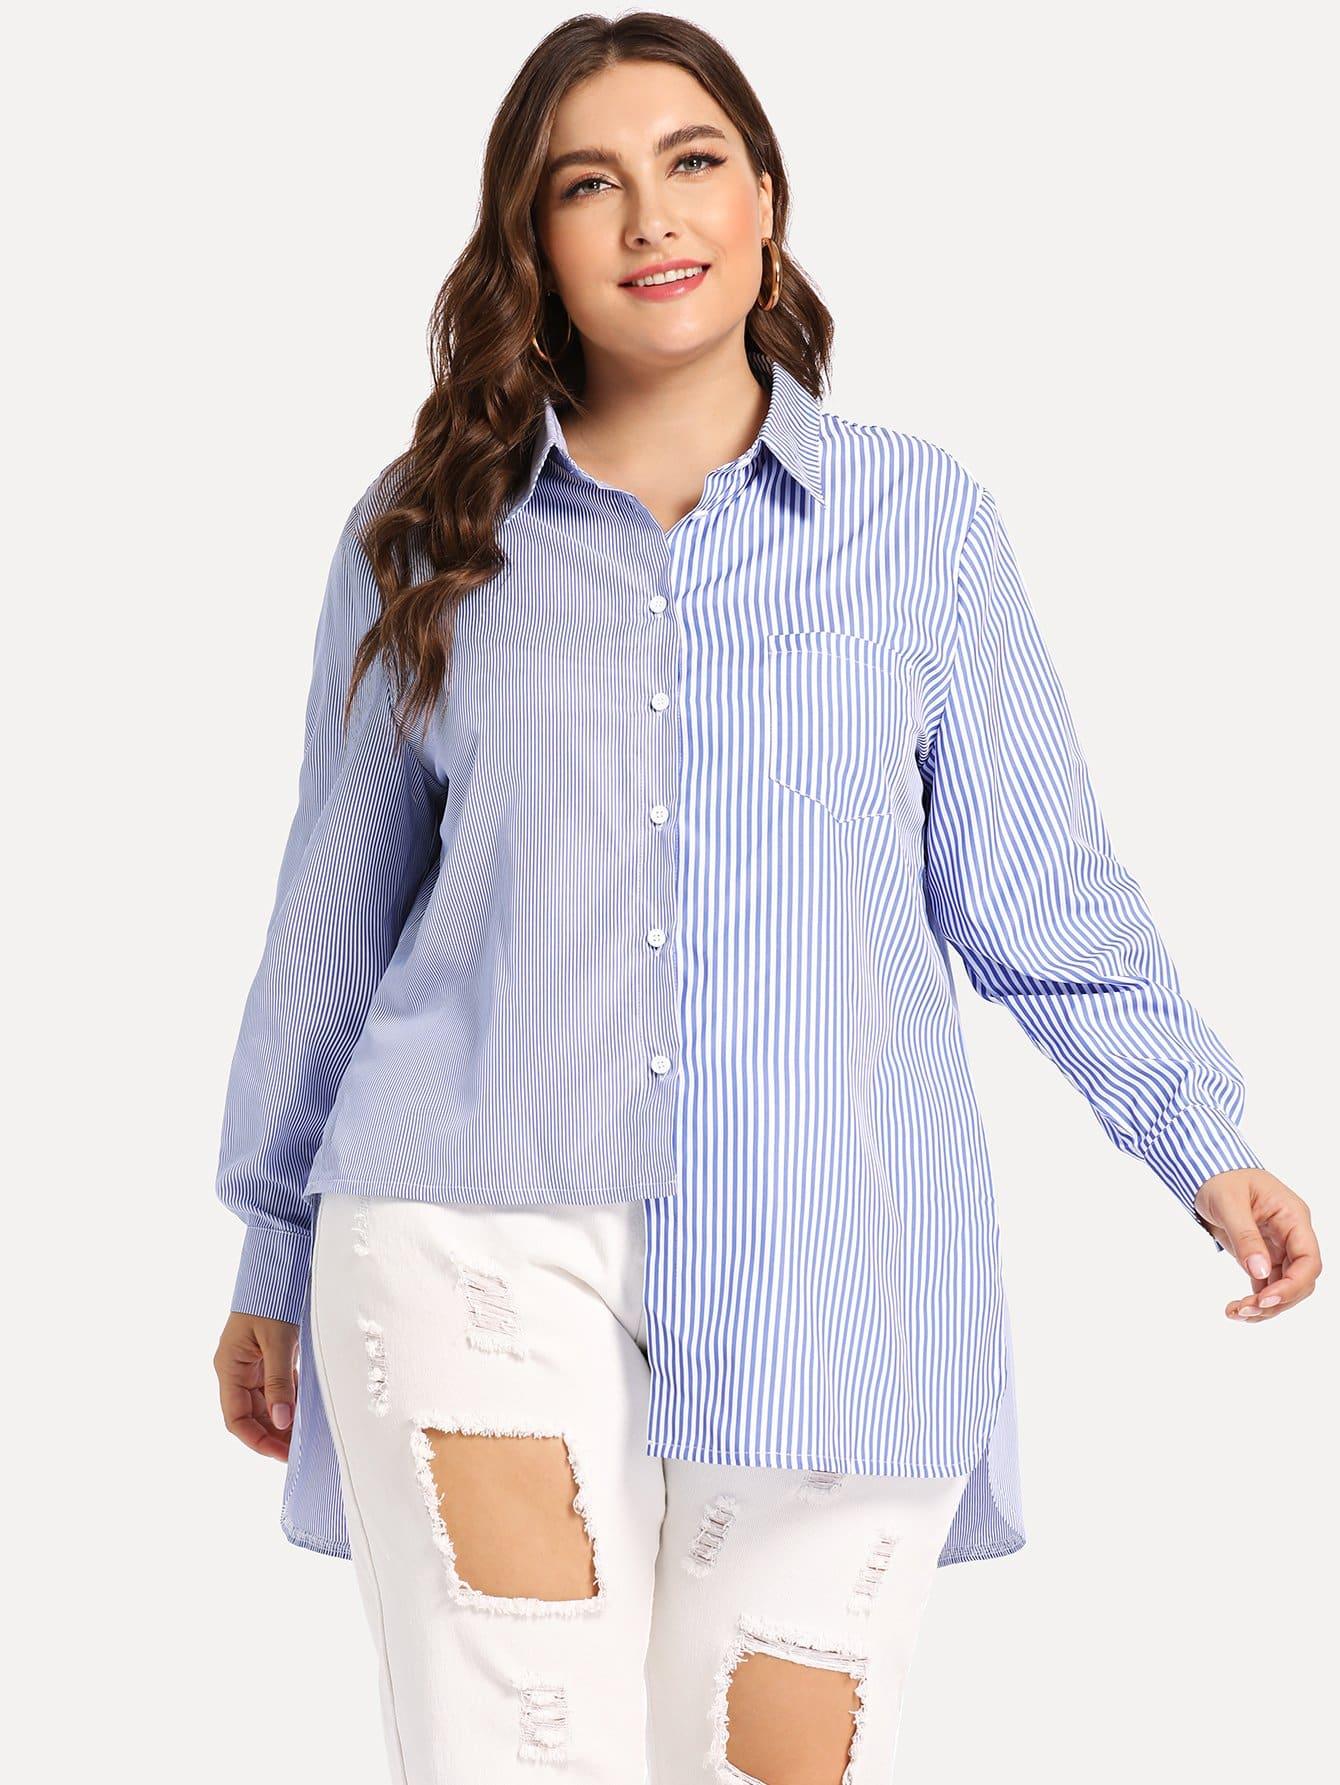 Купить Многихцветные Пуговица Полосатый Повседневные Блузы размера плюс, Franziska, SheIn